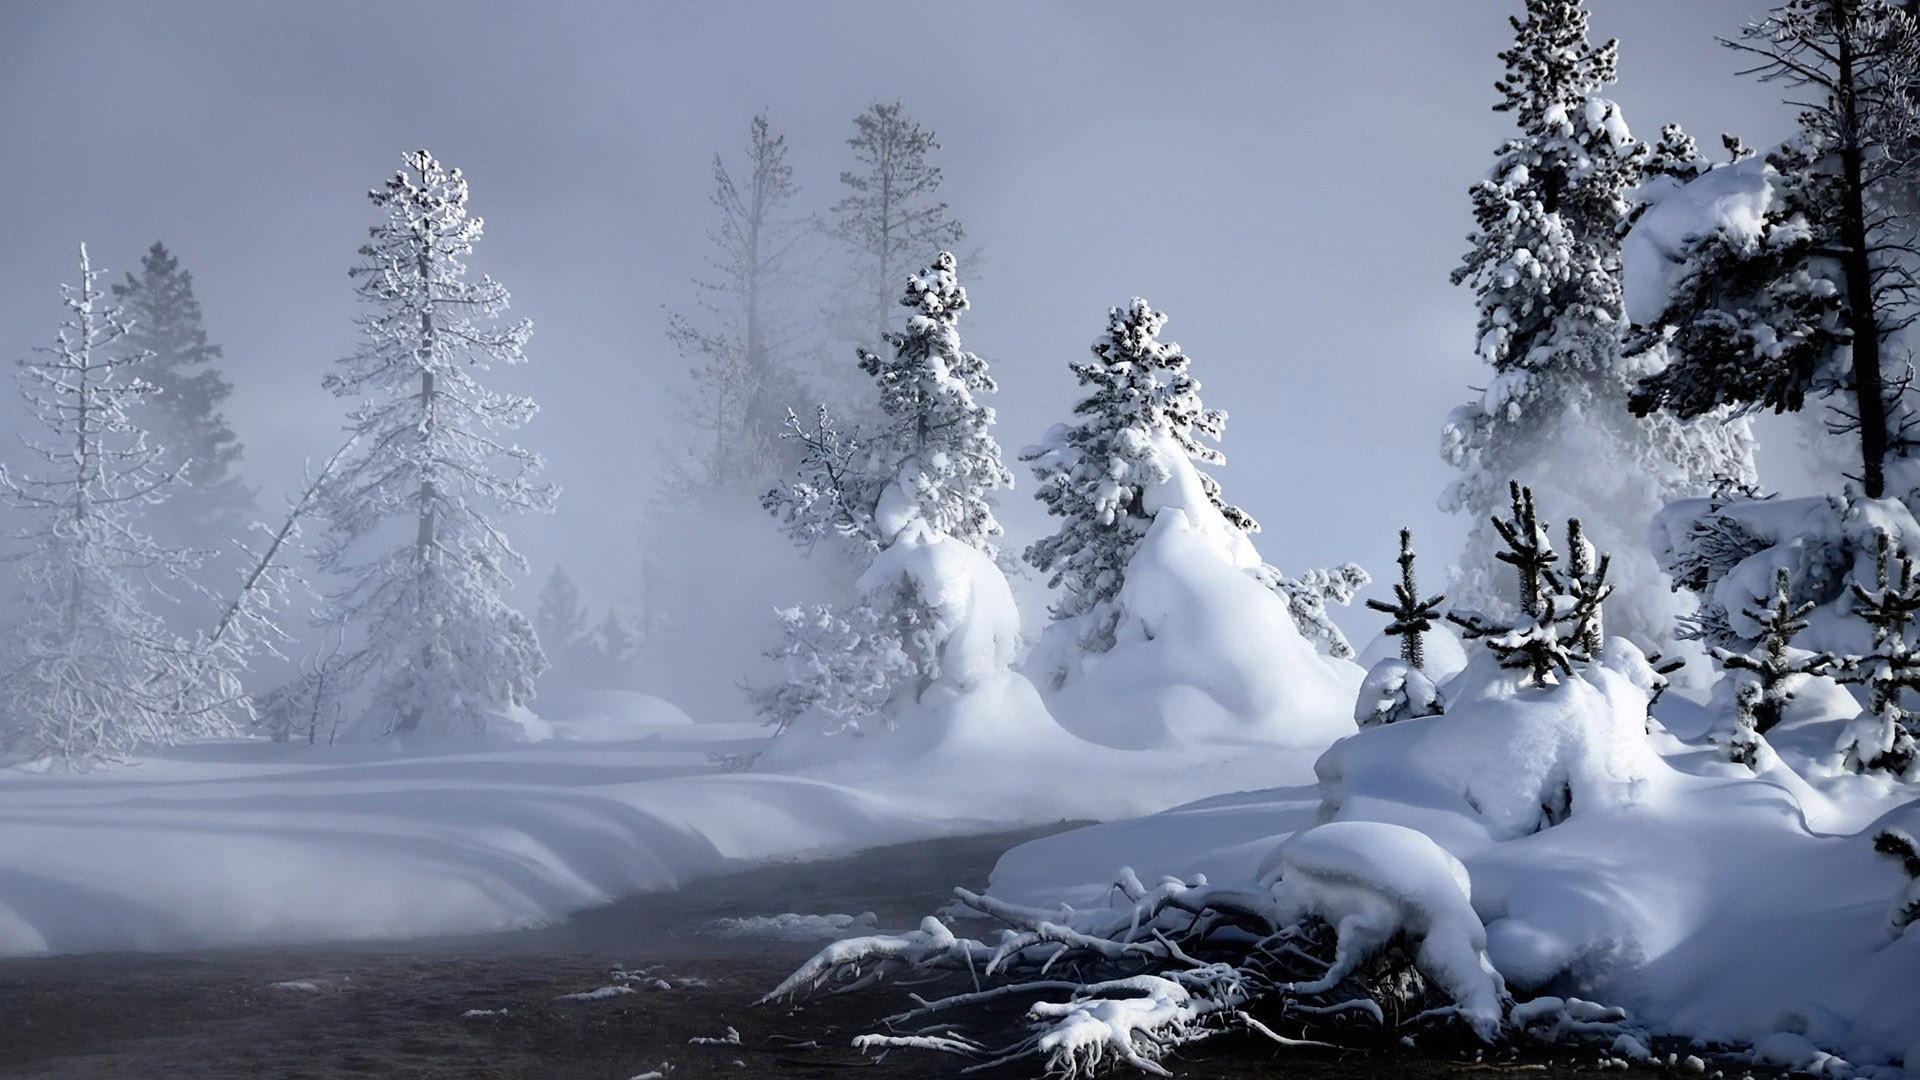 Snowy fir trees wallpaper 11329 1920x1080